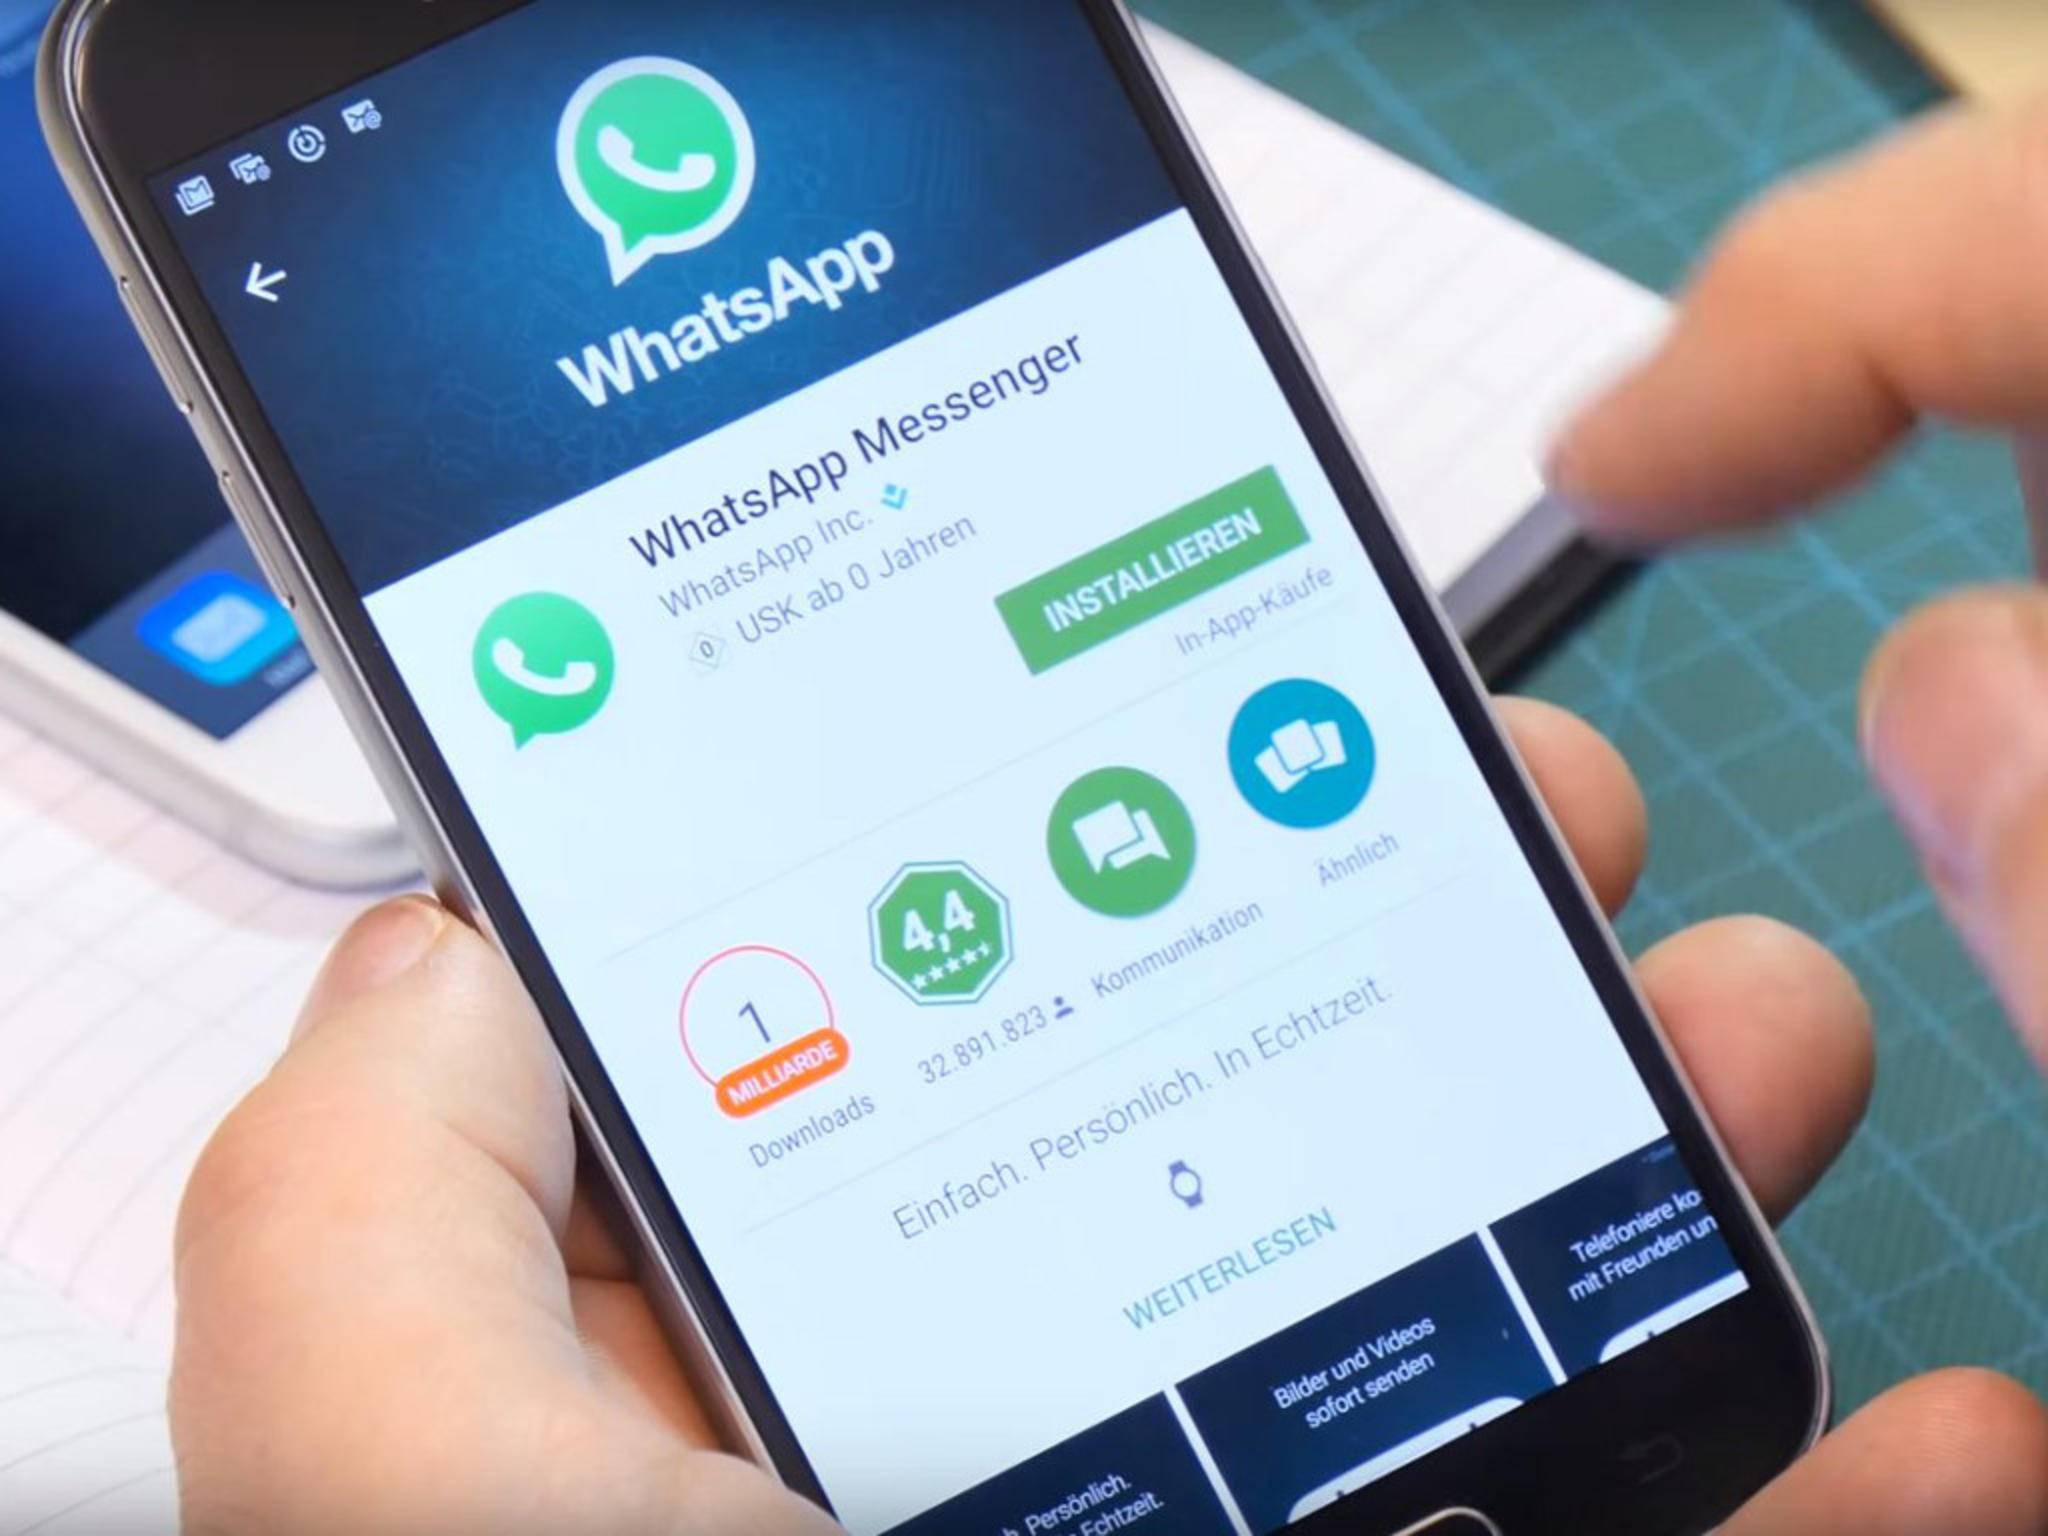 Mit diesen Tipps kannst Du den Datenverbrauch von WhatsApp reduzieren.